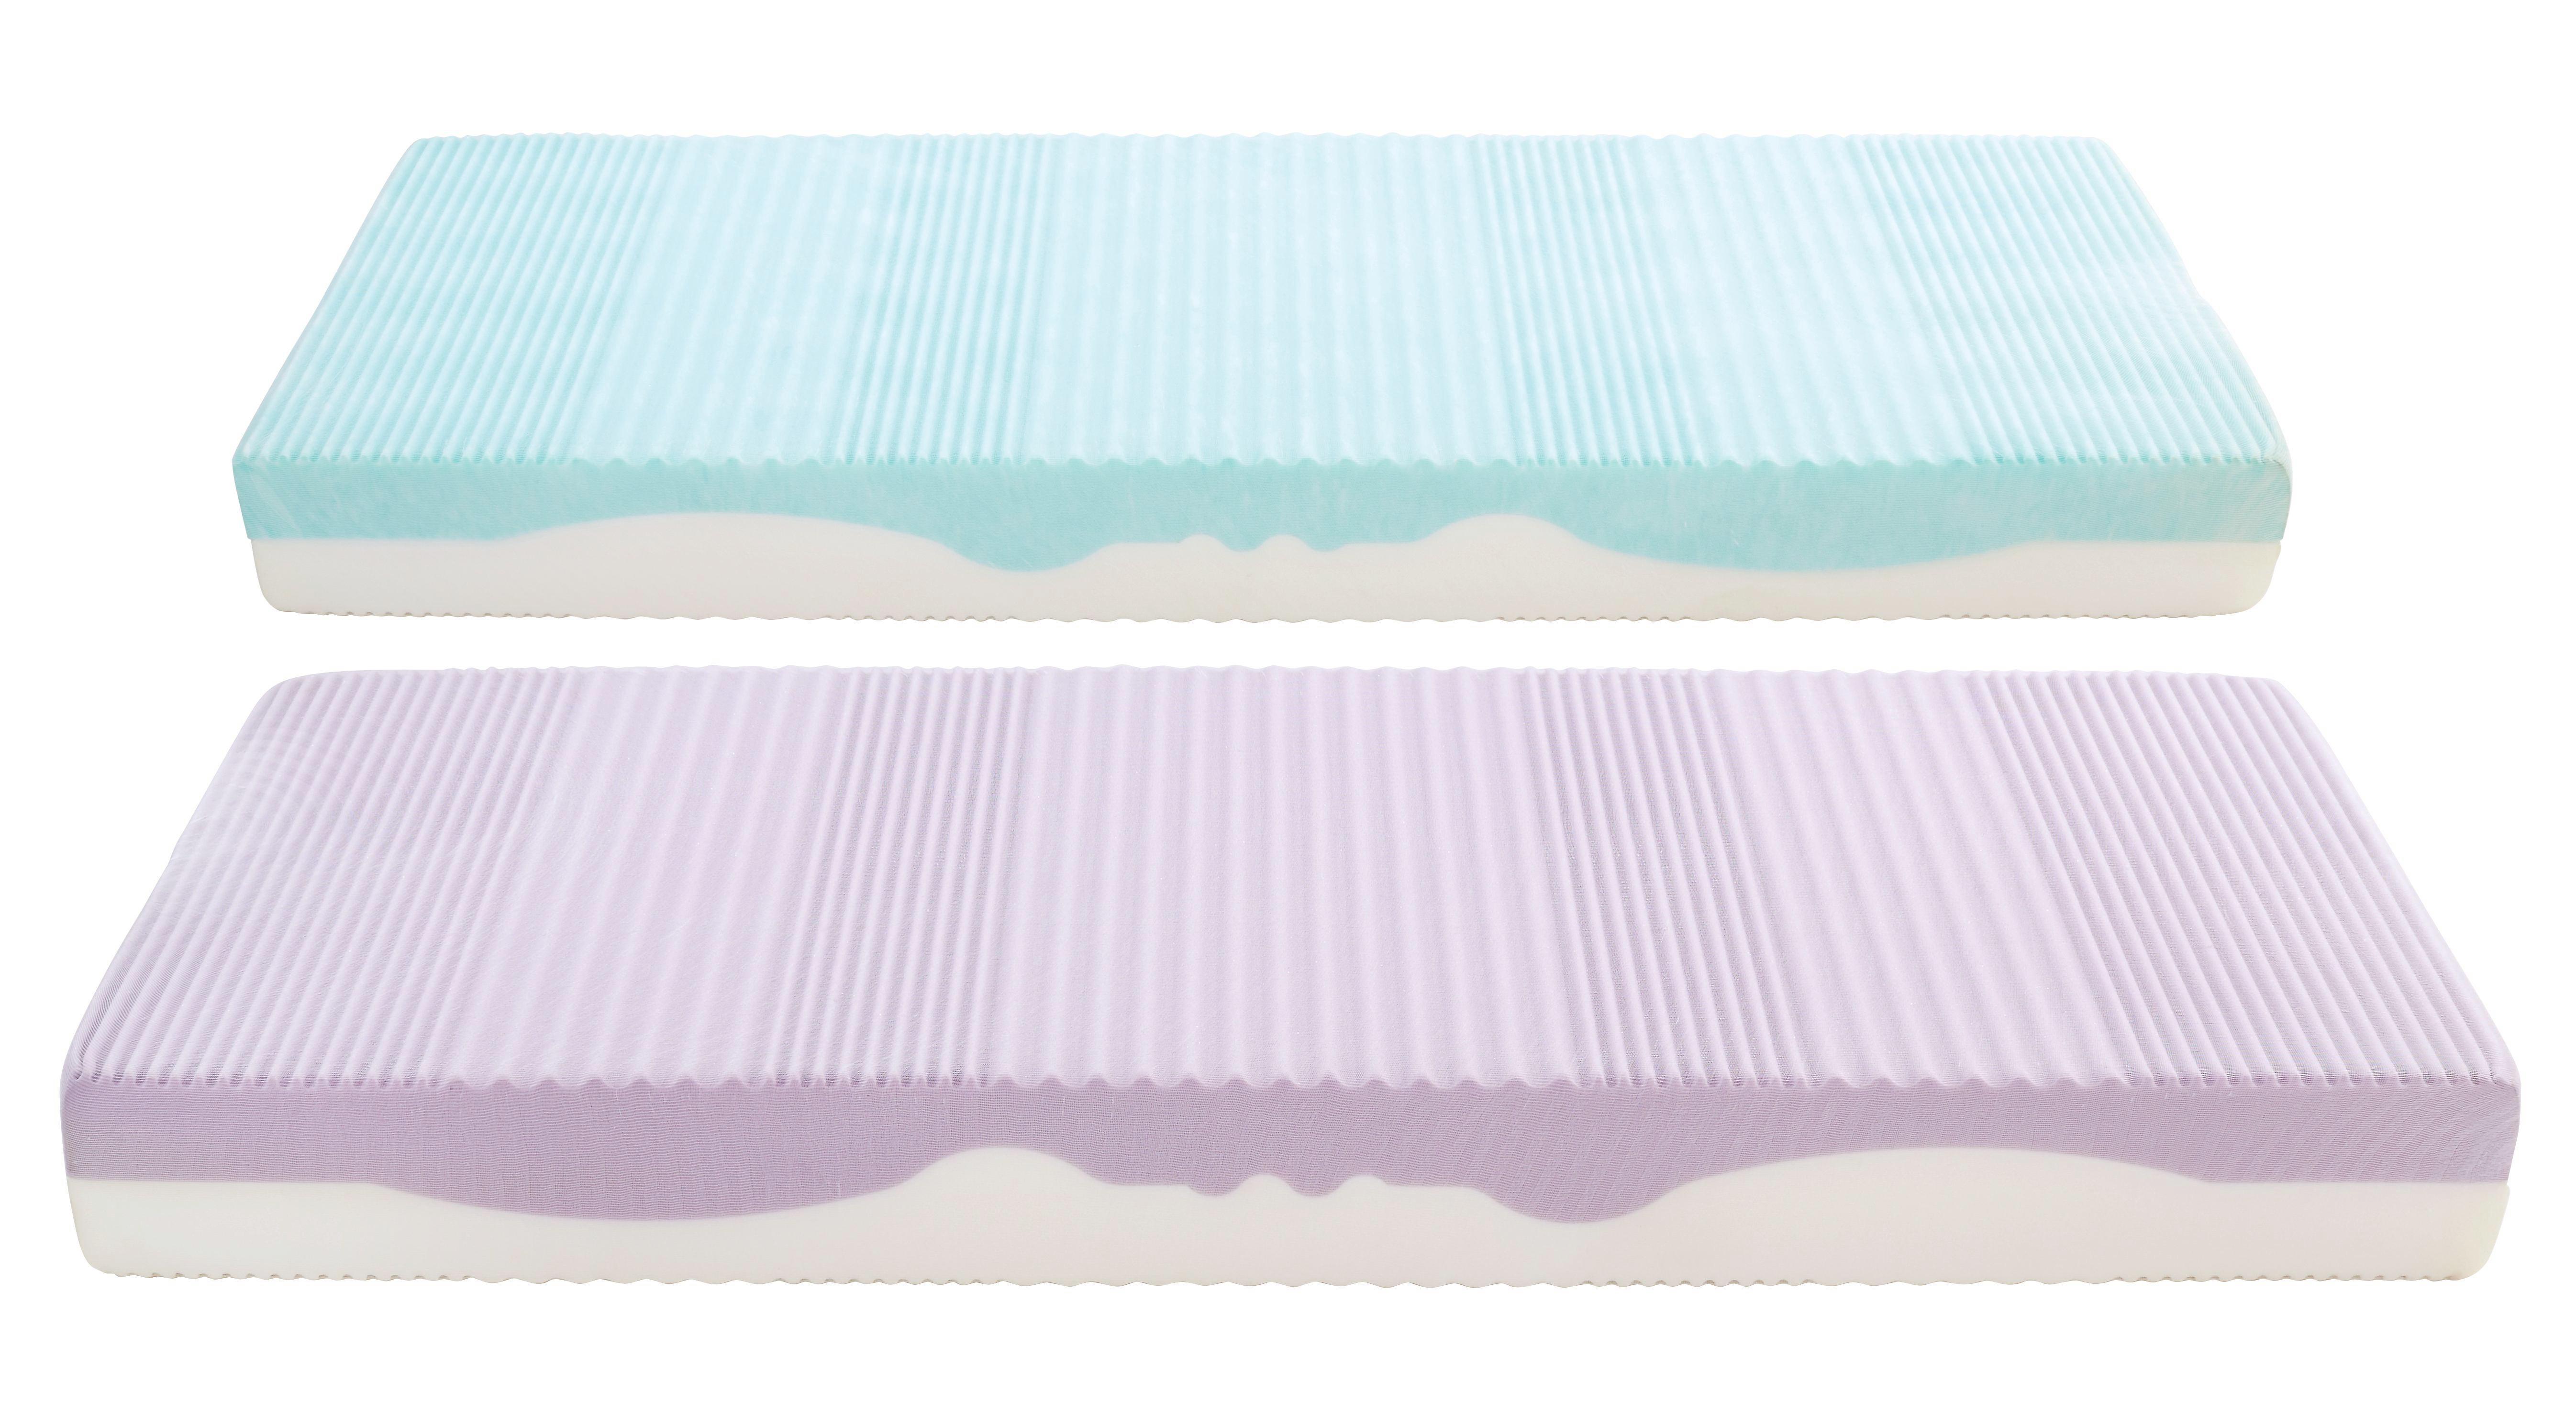 Matrac Ergo Duo H2 - fehér, textil (160/200cm) - PRIMATEX